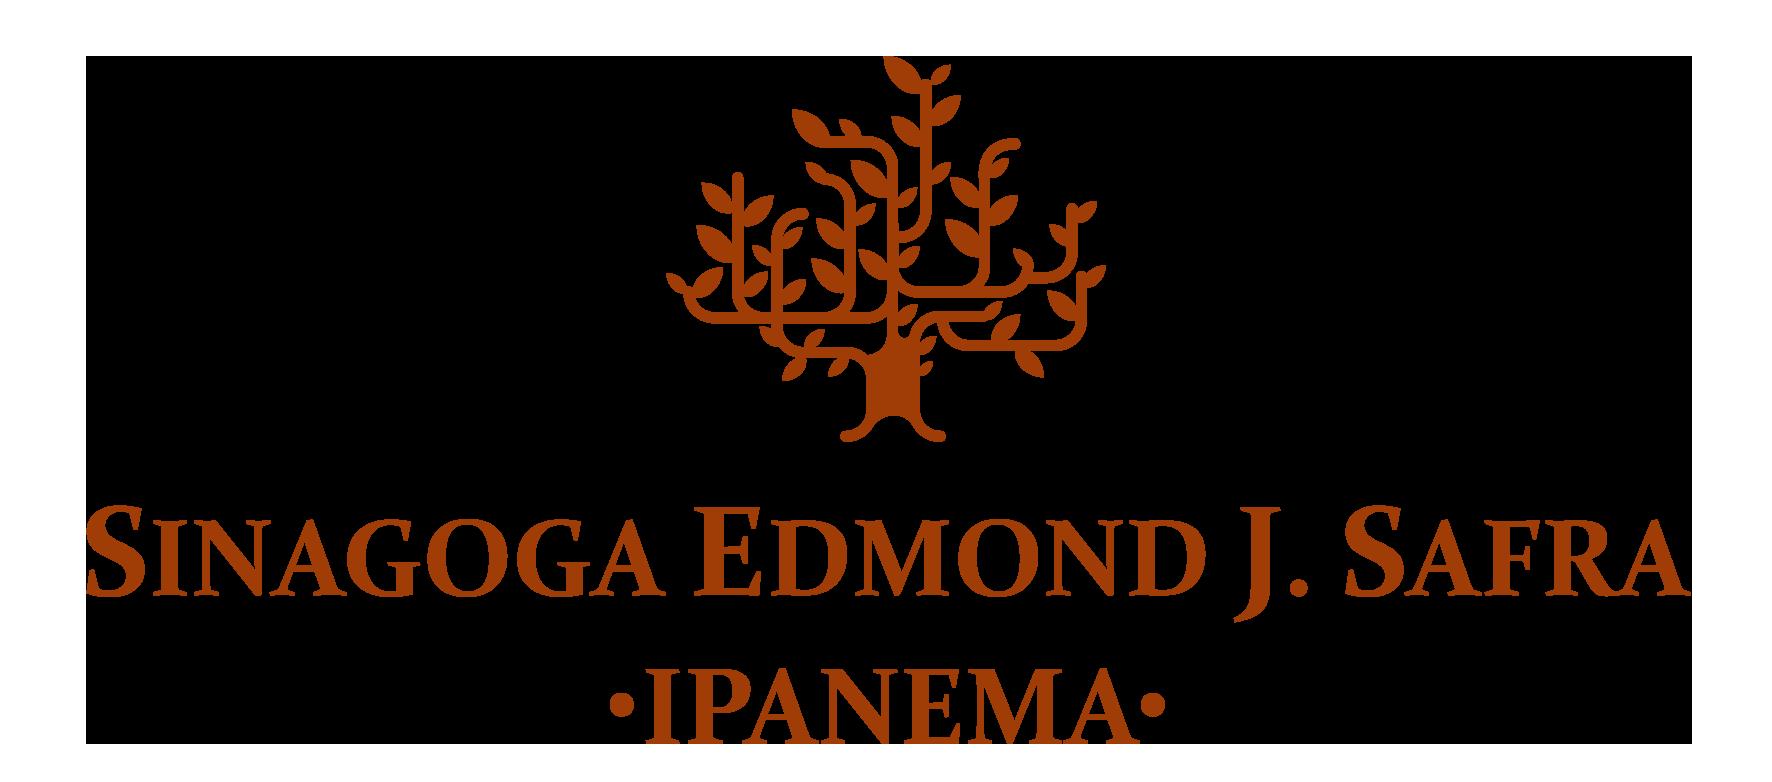 Sinagoga-EJS-Ipanema_LOGO